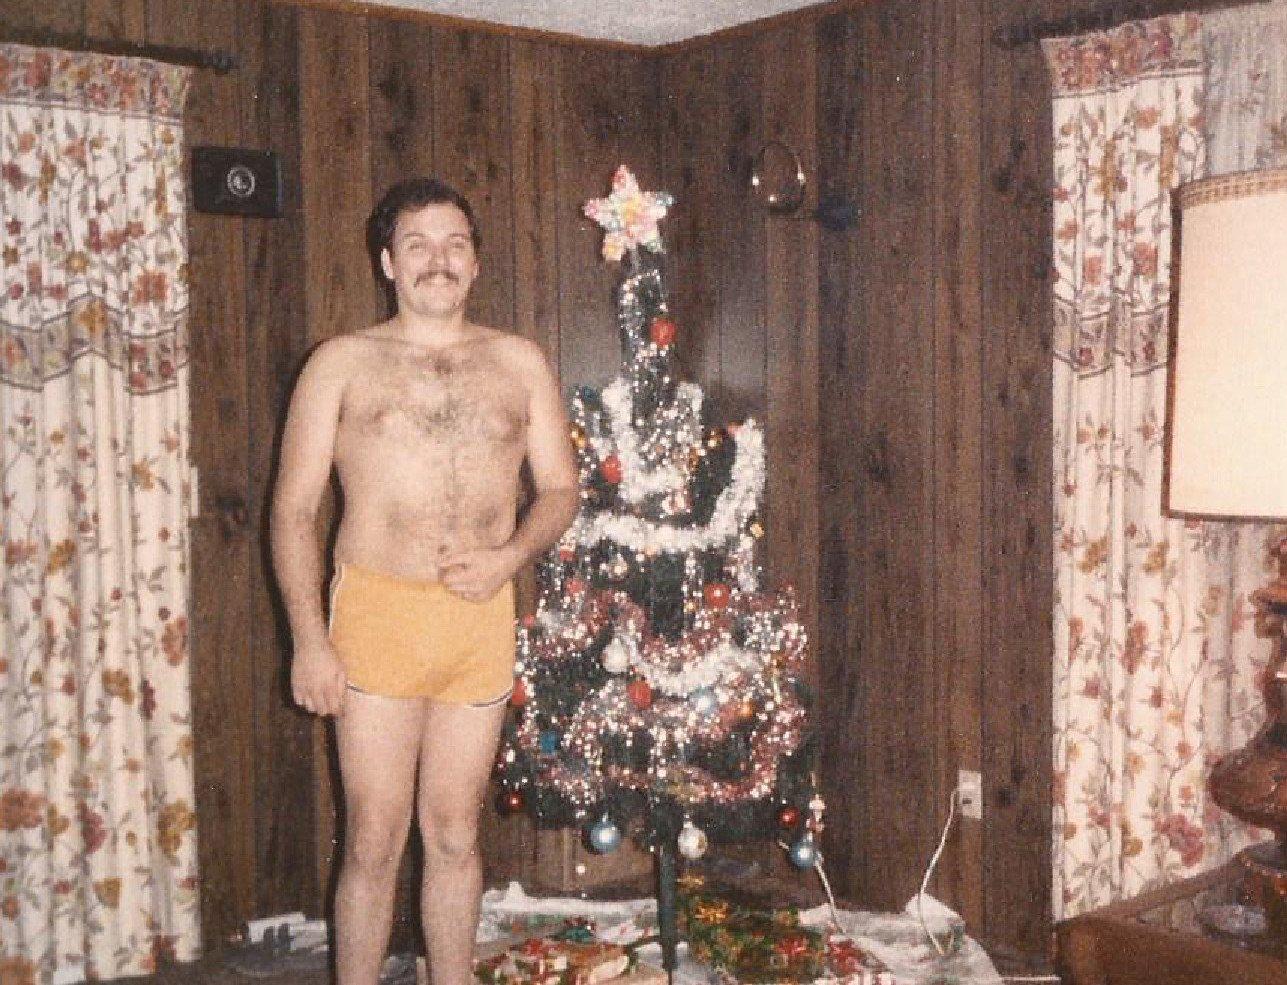 дурацкие новогодние фото отвратительные мужики disgusting men